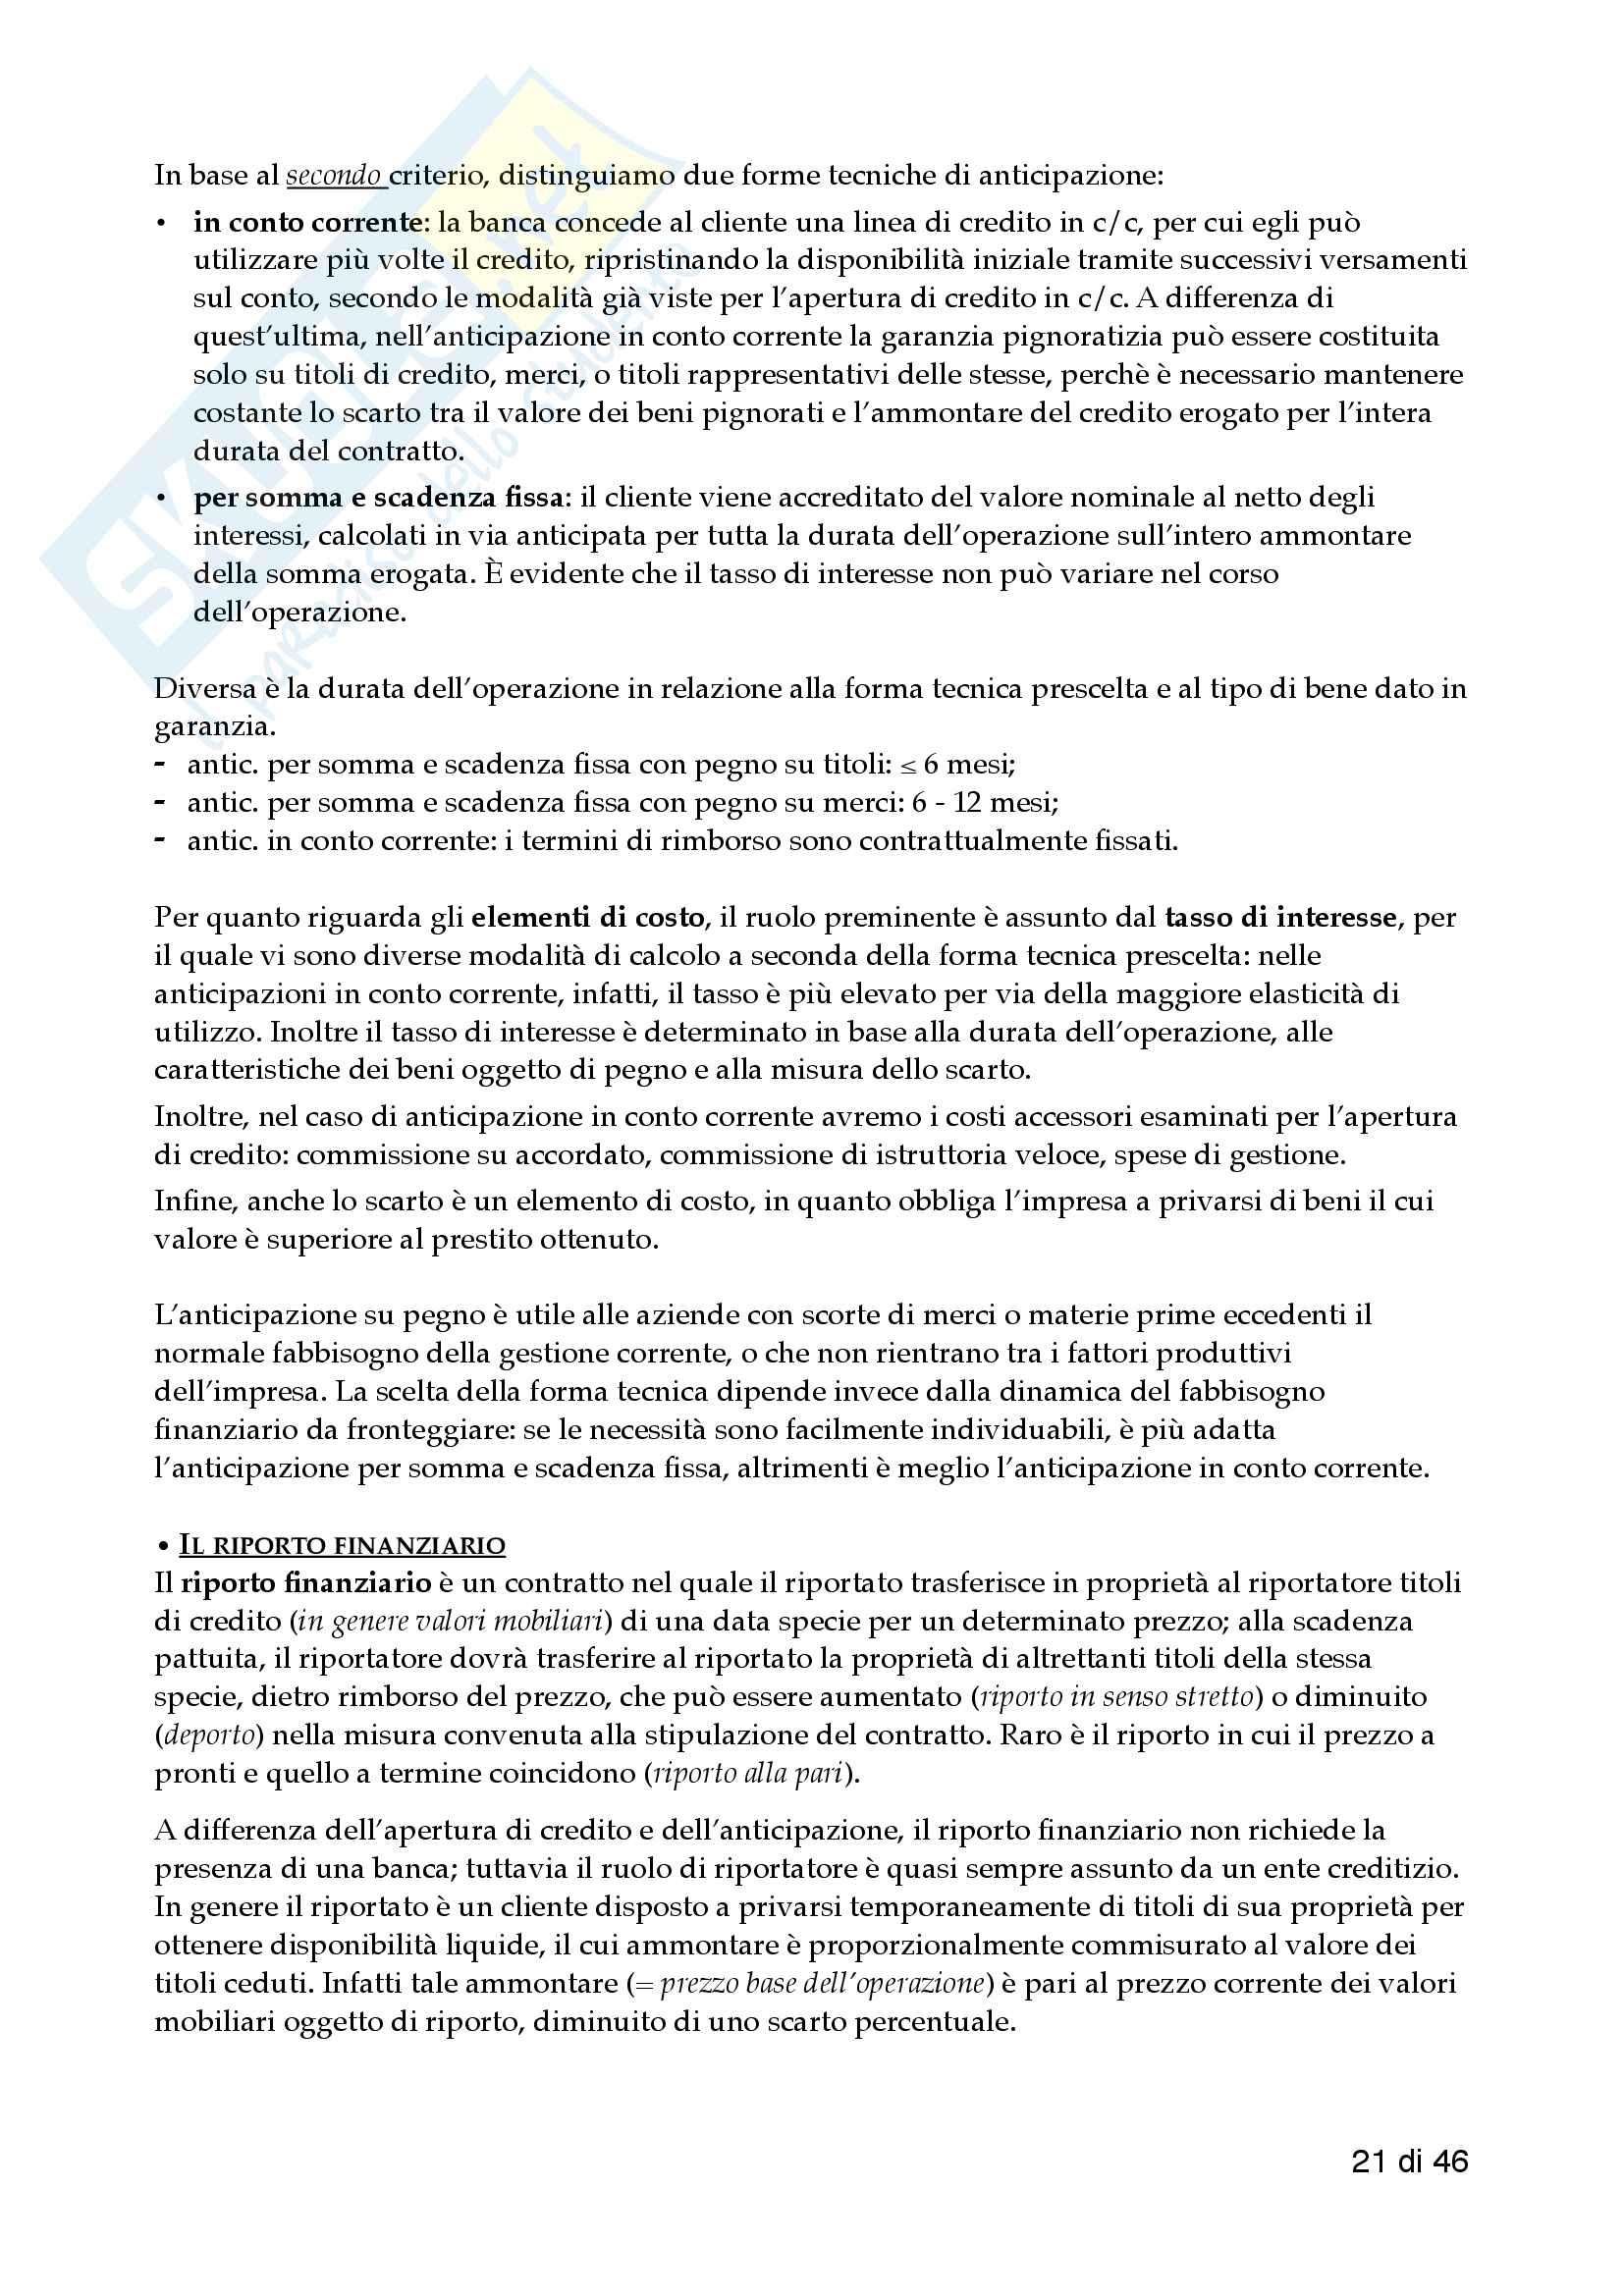 Economia delle aziende di credito - 1 Pariziale pdf Pag. 21